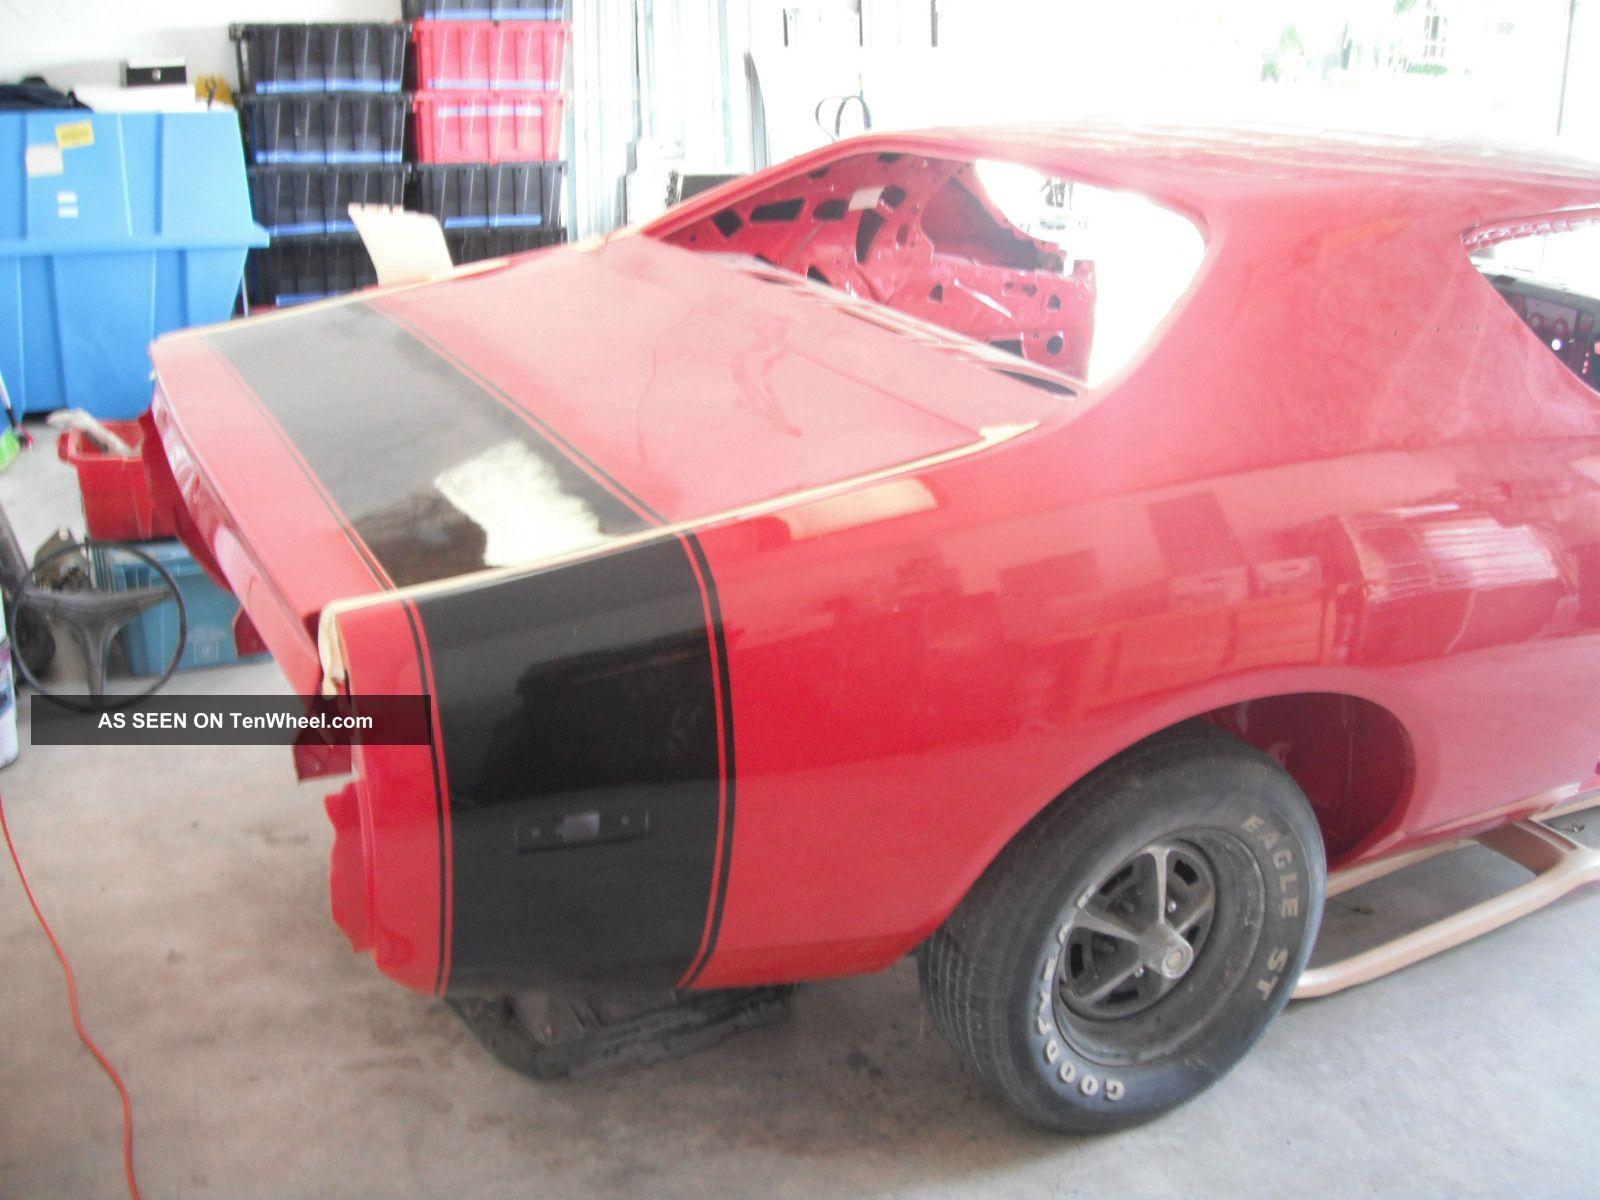 mopar project cars